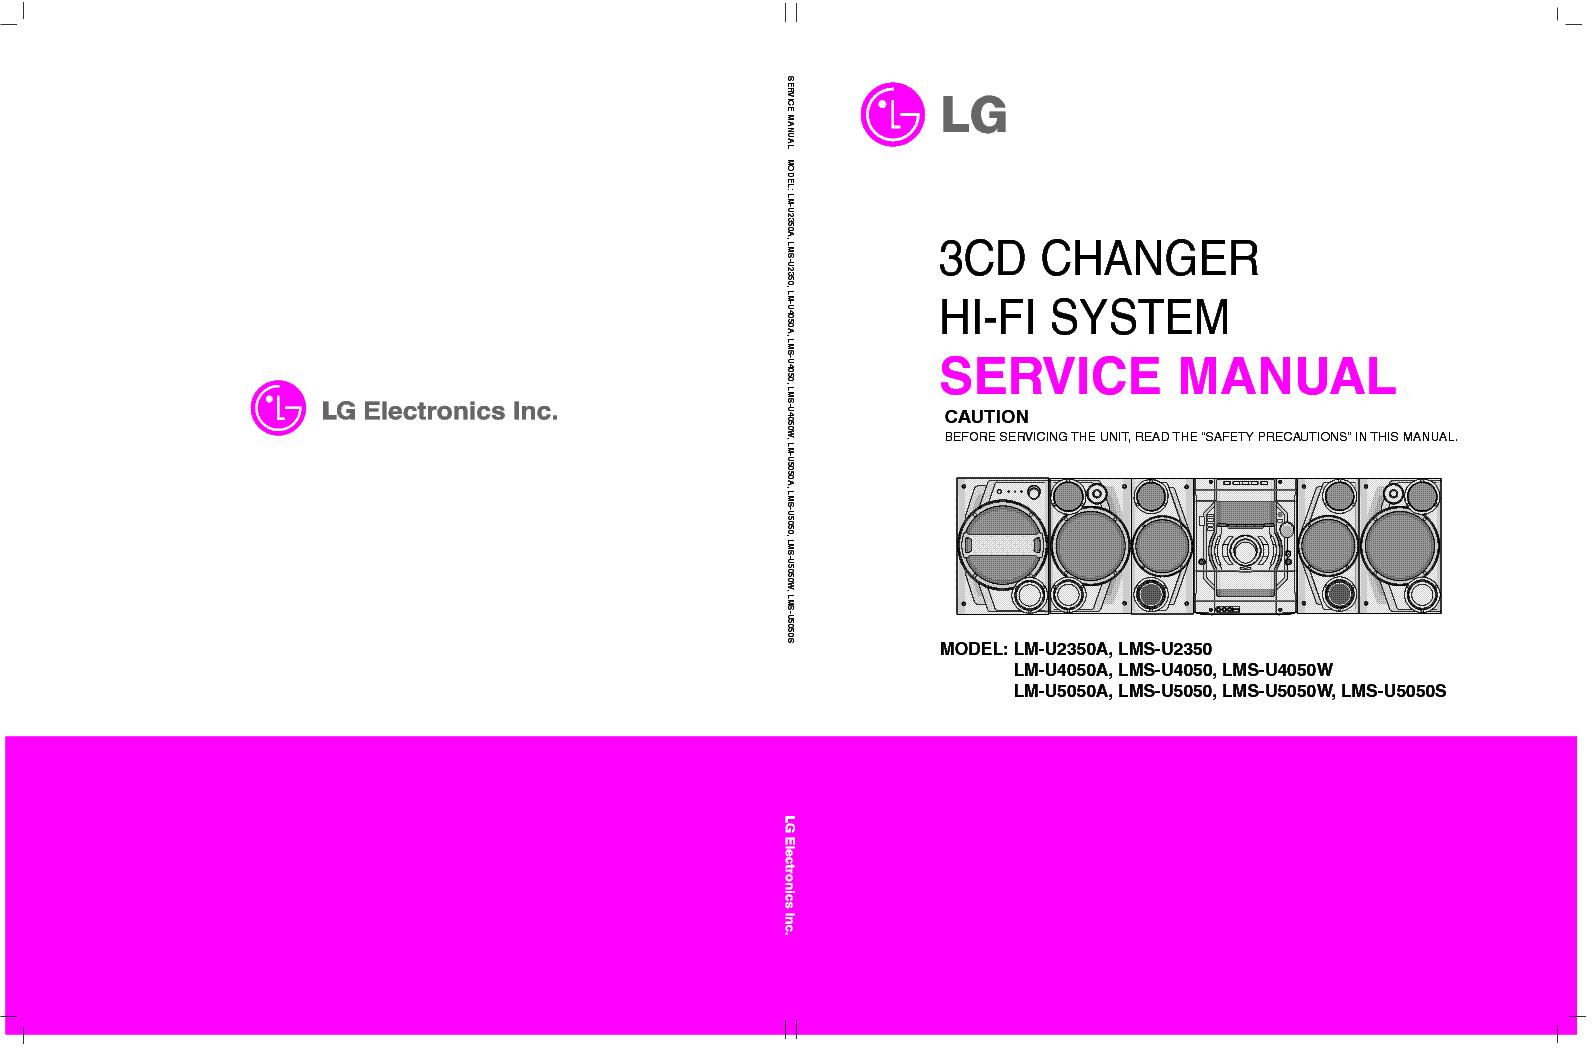 lg ffh 986a ffh 886a sch service manual free download  schematics  eeprom  repair info for samsung model sch u360 manual SCH-U360 Driver